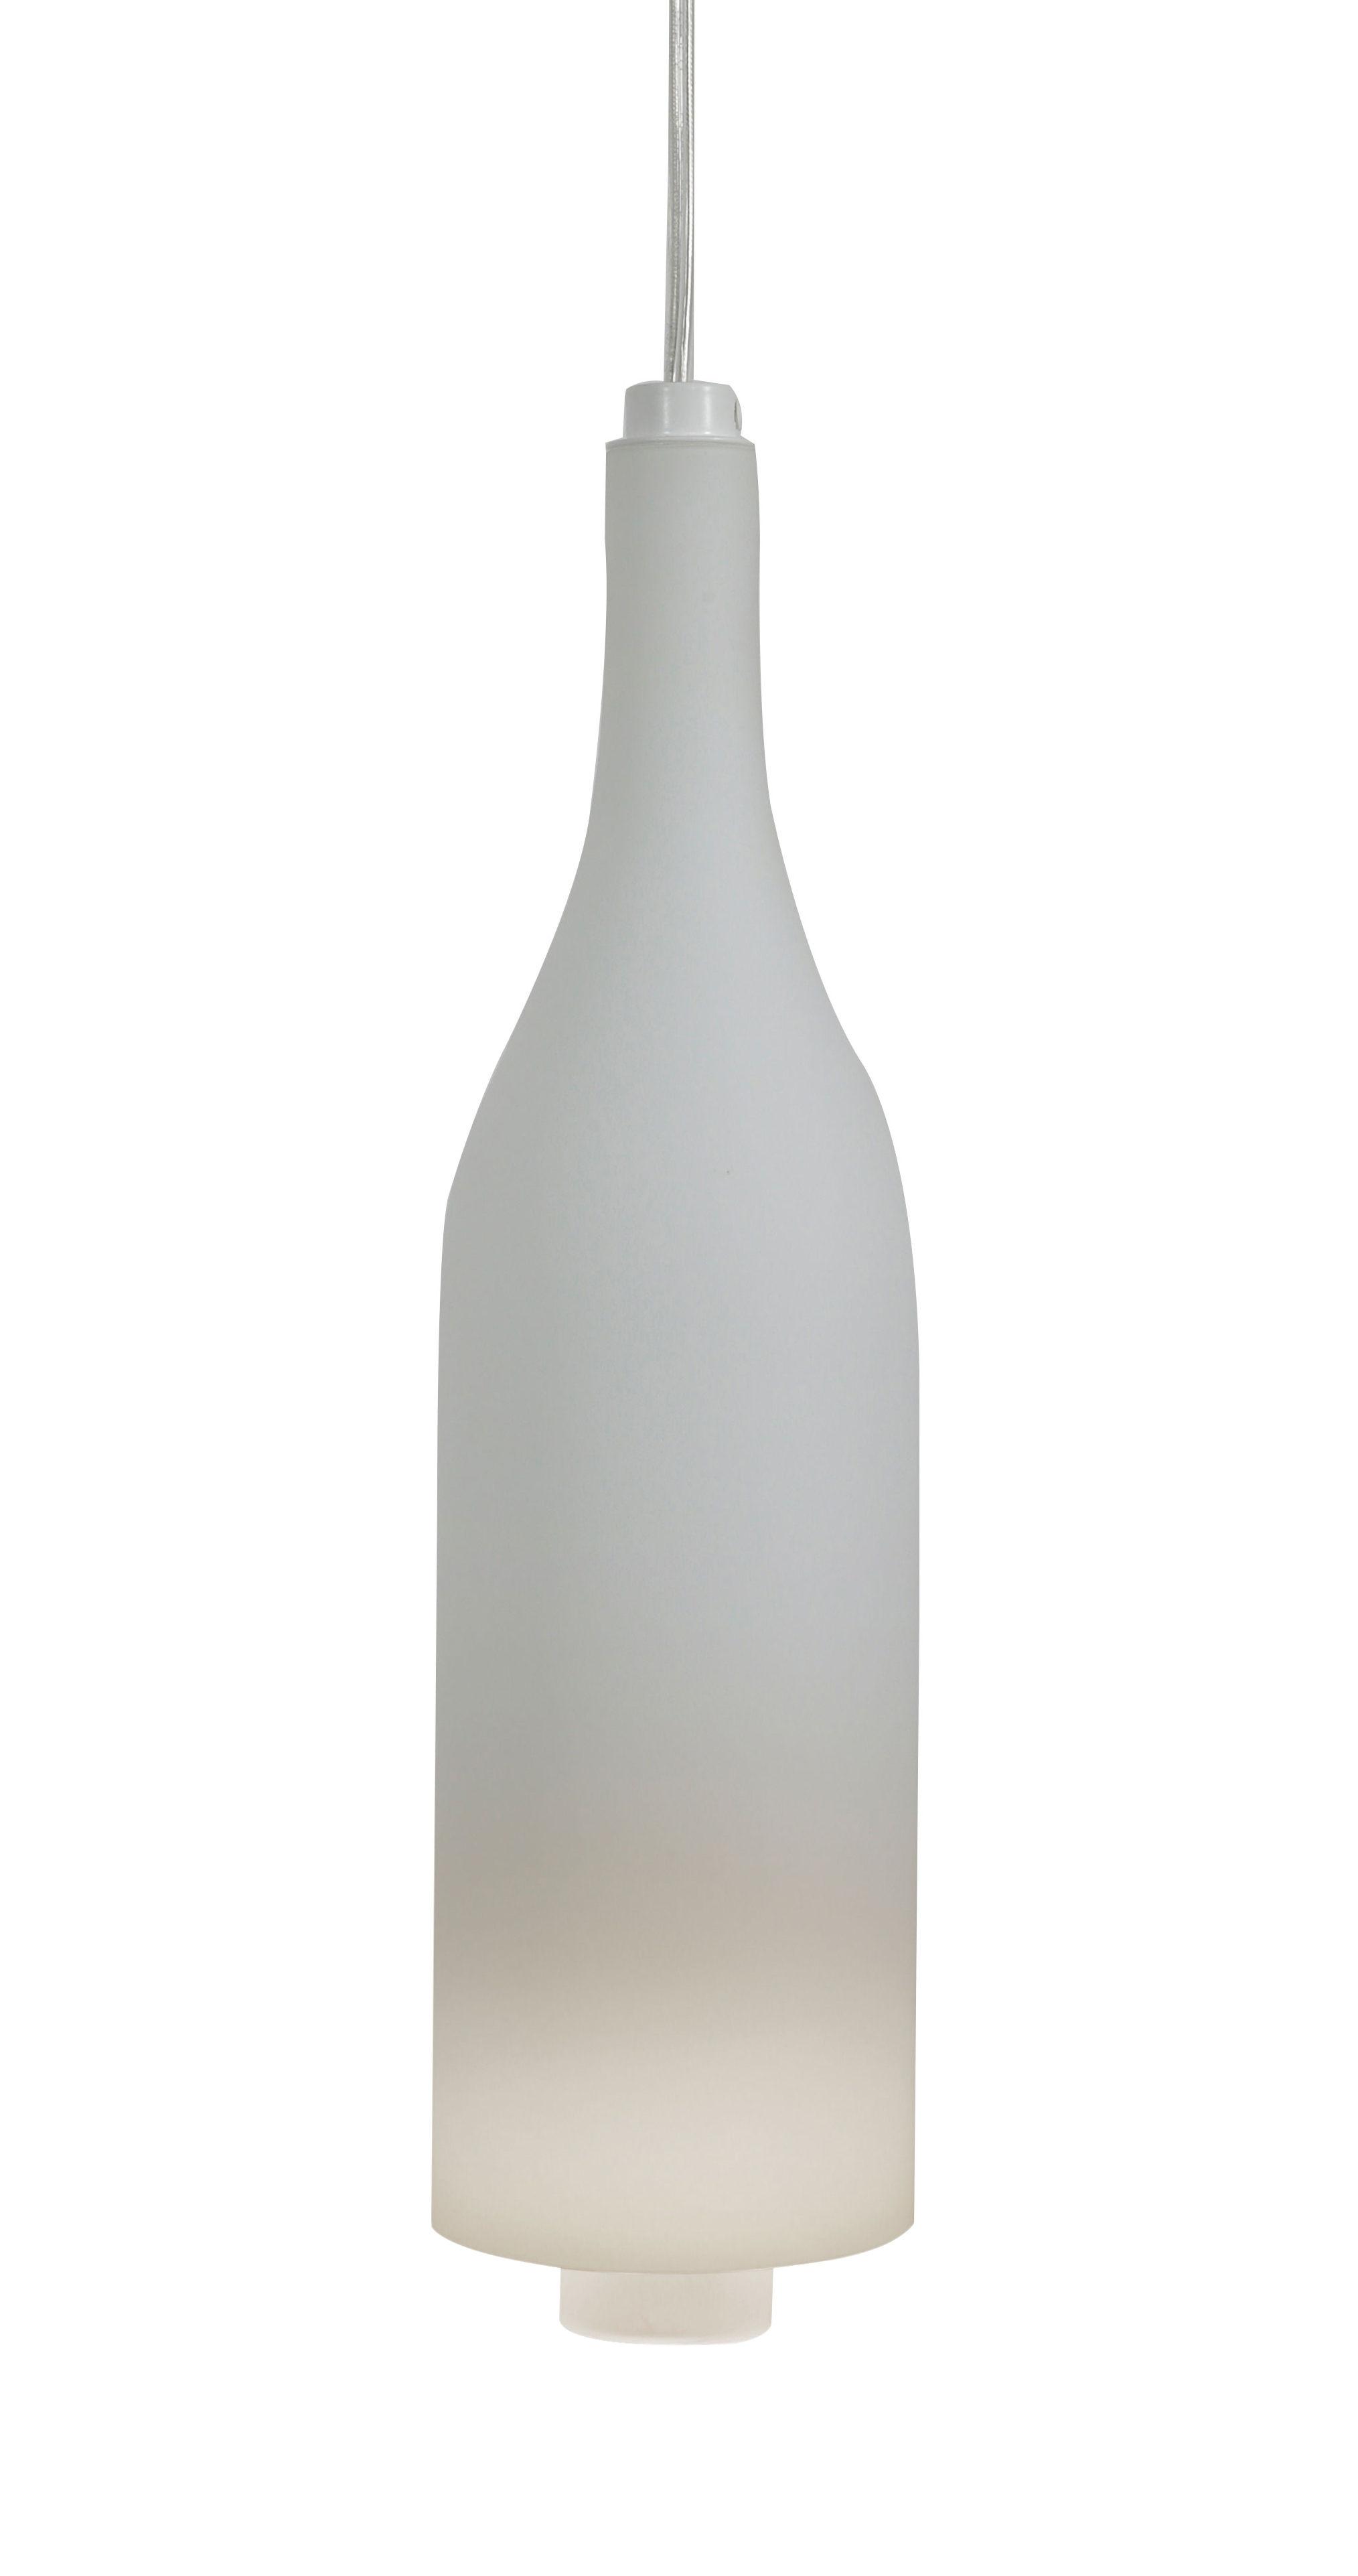 Illuminazione - Lampadari - Sospensione Bacco - / Vetro satinato - H 34 x Ø 9 cm di Karman - Bianco - Vetro smerigliato